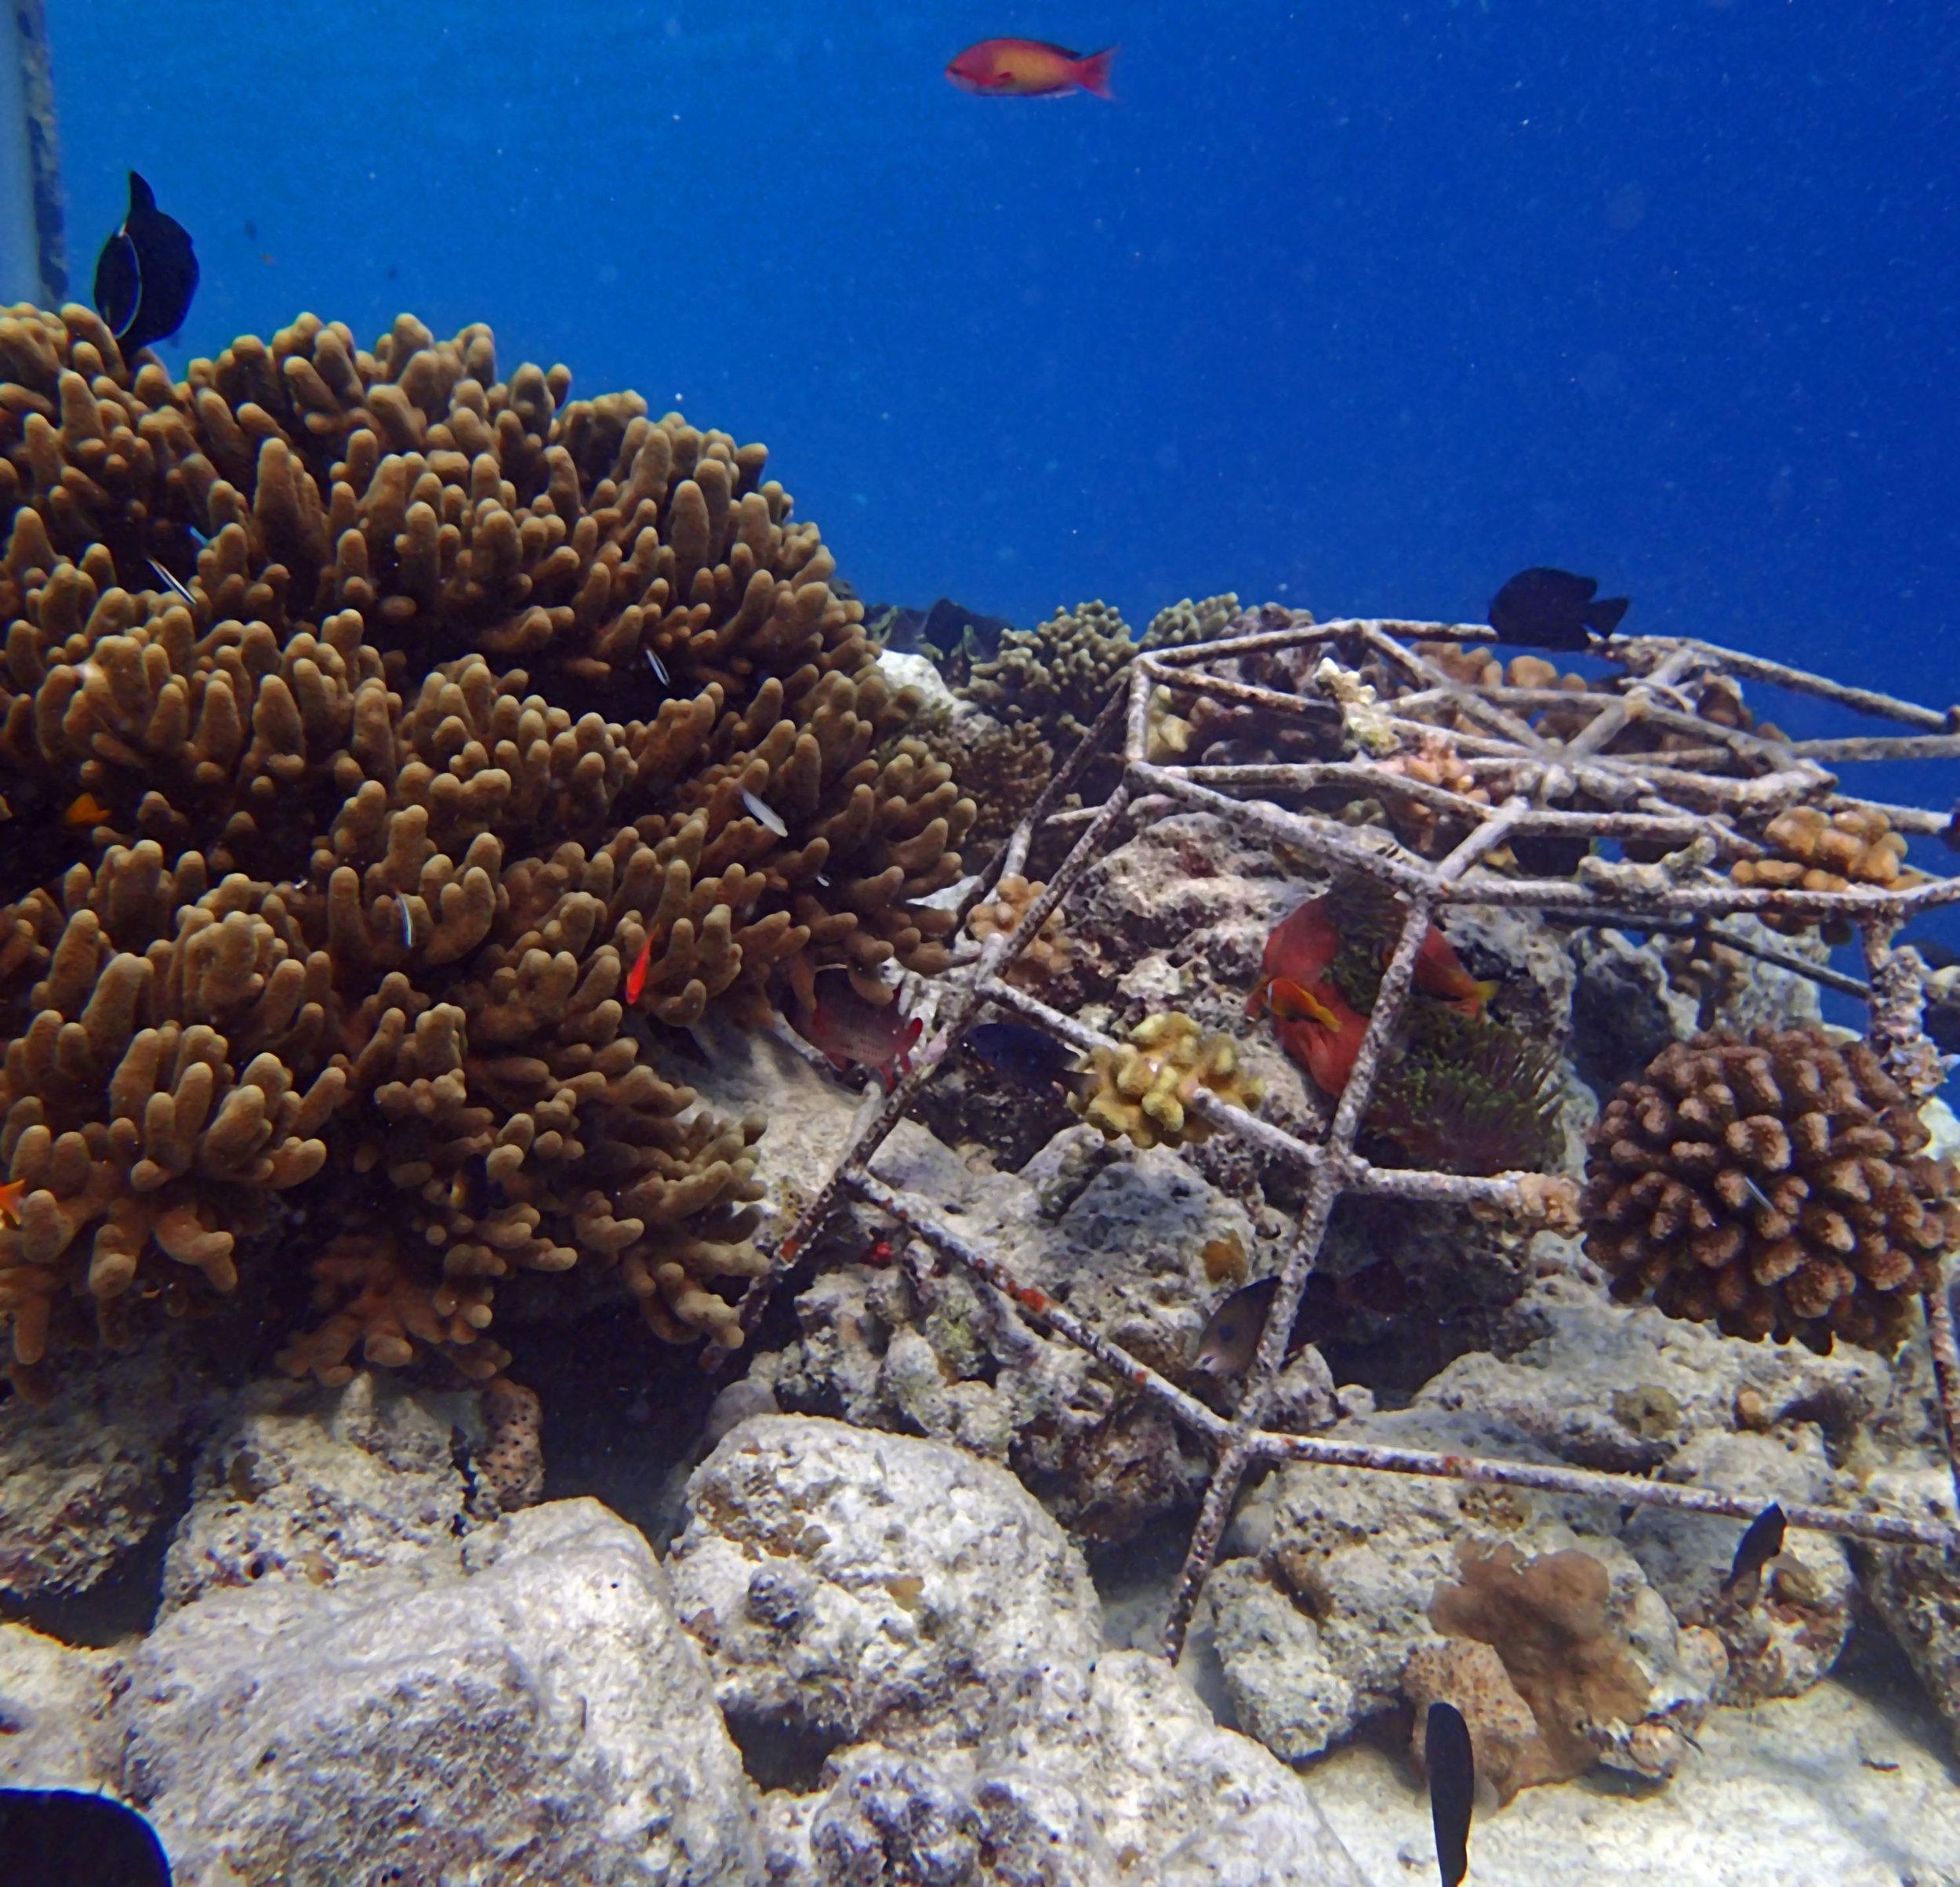 manicured coral garden.jpg